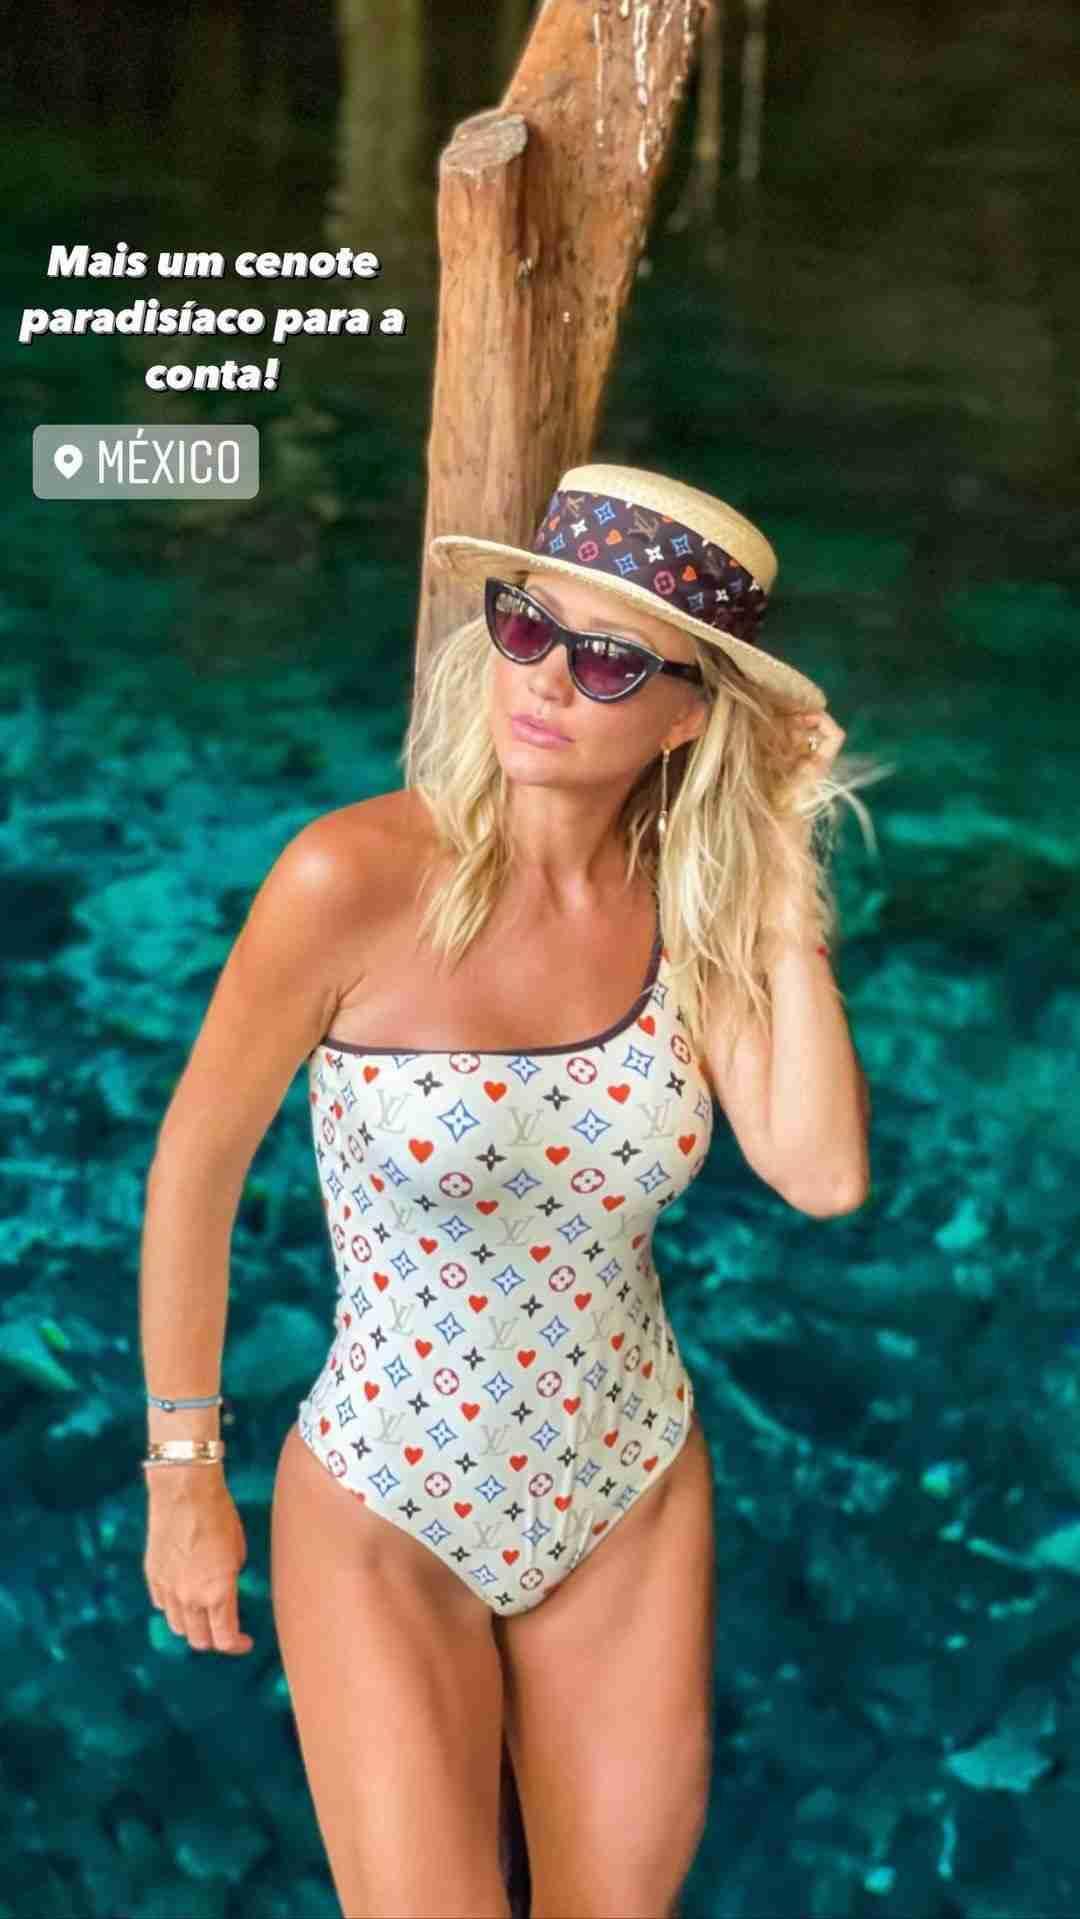 Ana Paula Siebert posa com maiô de R$ 4 mil em viagem pelo México (Foto: Reprodução/Instagram)